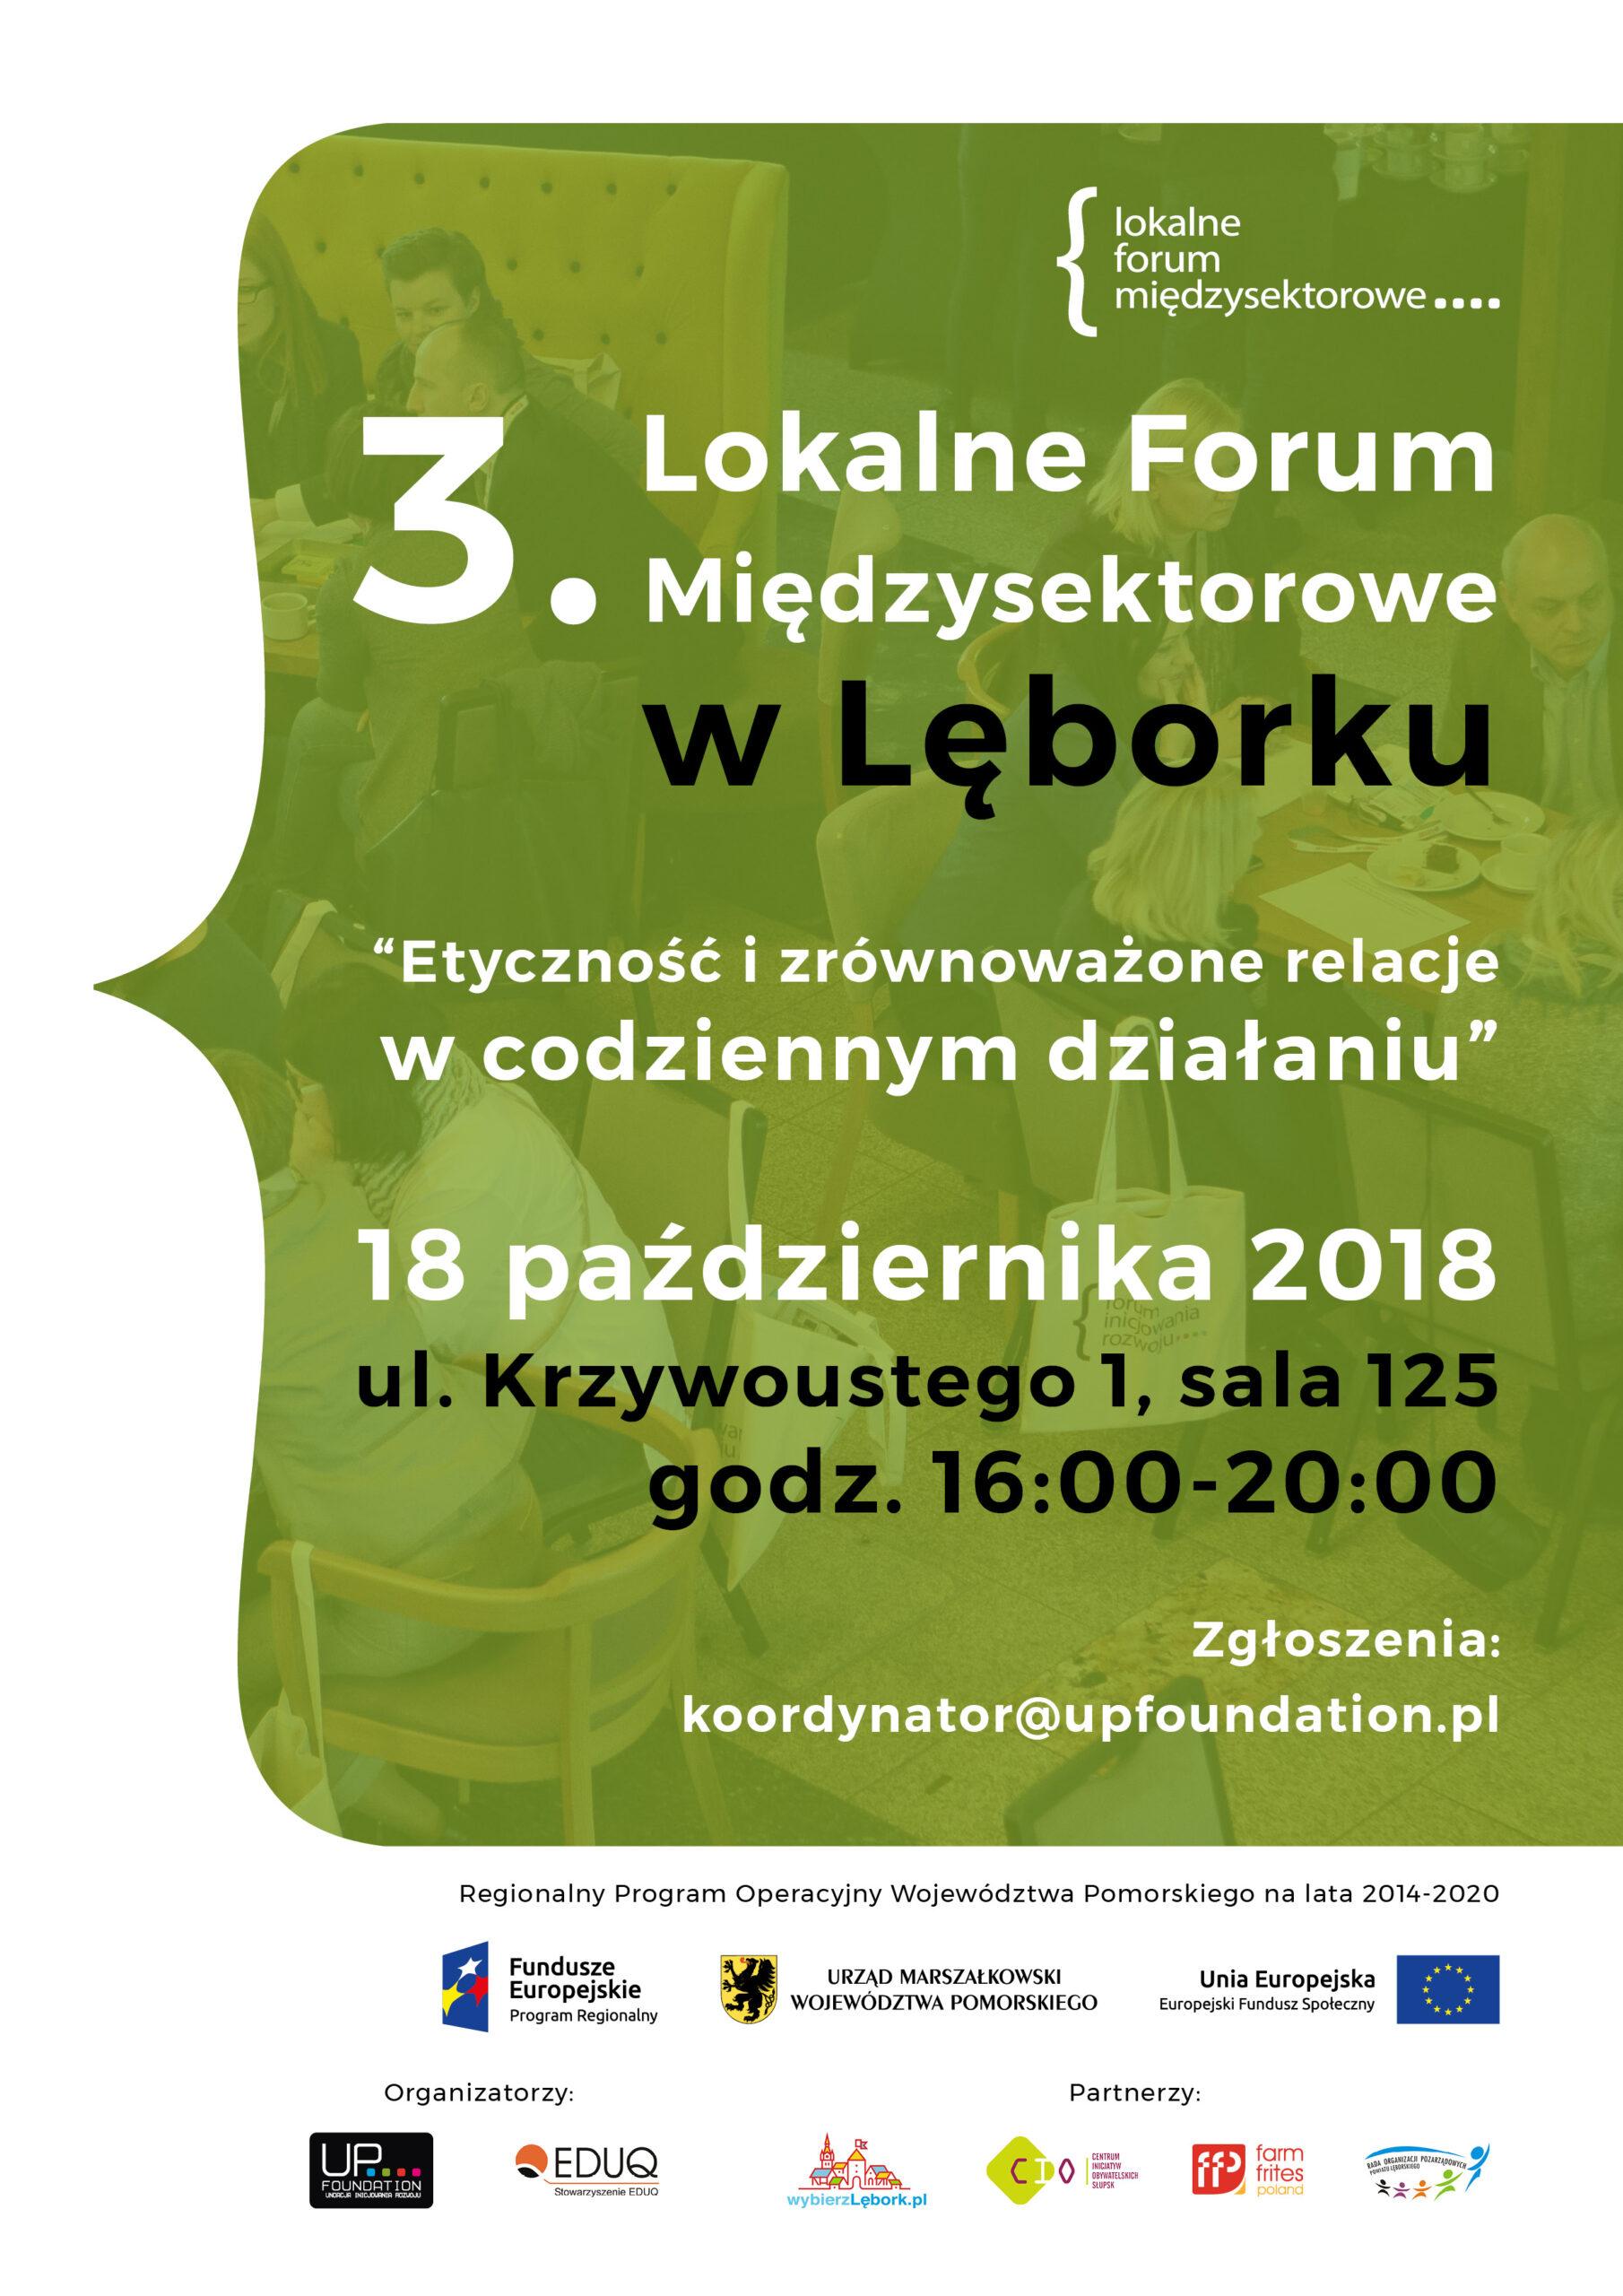 III Lokalne Forum Międzysektorowe w Lęborku